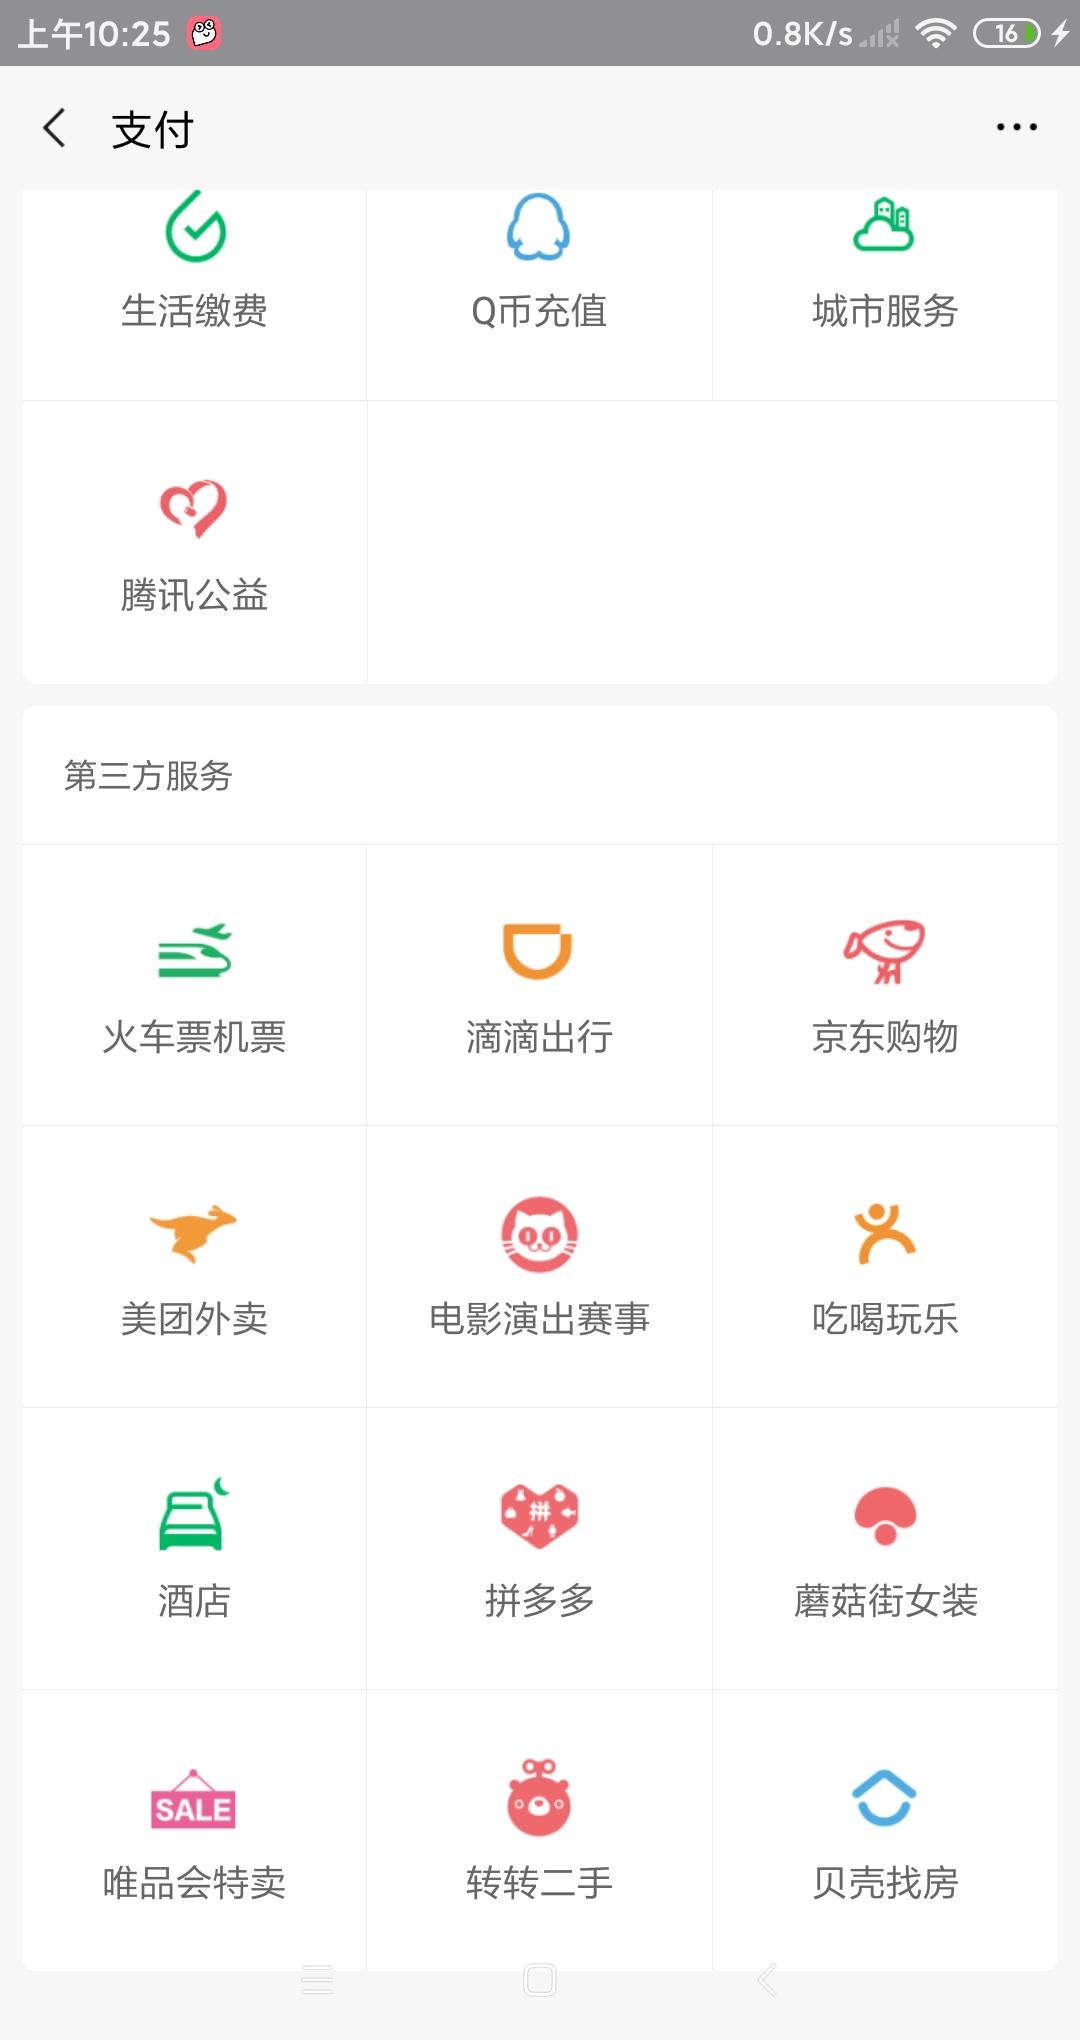 【原创工具】微信余额修改2.0